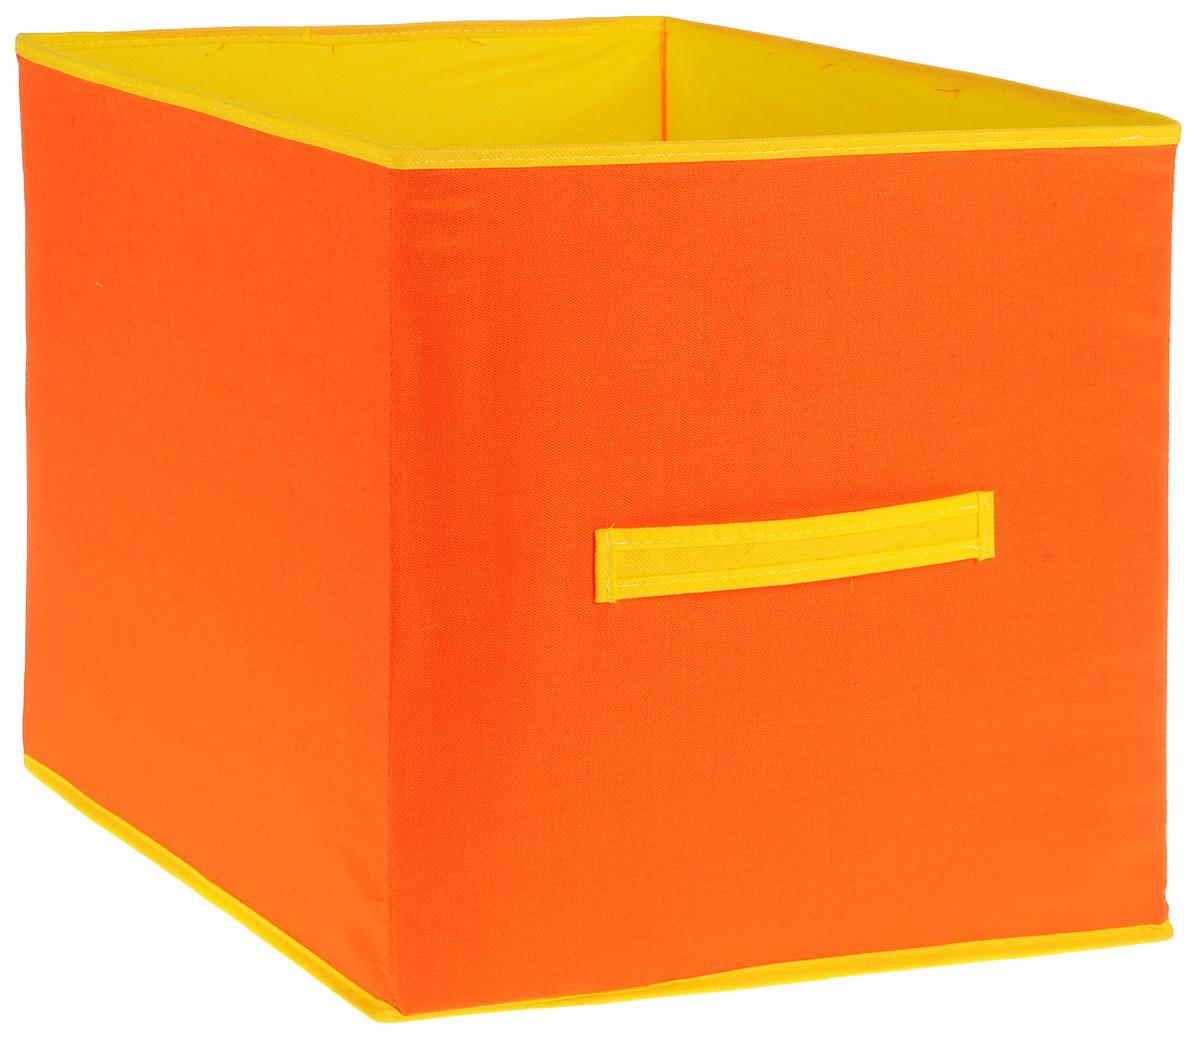 Коробка для игрушек Все на местах Sunny Jungle, цвет: желтый, оранжевый, 40 х 40 х 40 см. 10710321071032Коробка для хранения игрушек выполнена из высококачественного нетканого материала(спанбонда), который обеспечивает естественную вентиляцию, позволяя воздуху проникатьвнутрь, но не пропускает пыль. Вставки из ПВХ хорошо держат форму.Такая коробка легко разбирается и собирается, она поможет удобно хранить игрушки. Размер коробки: 40 см х 40 см х 40 см.